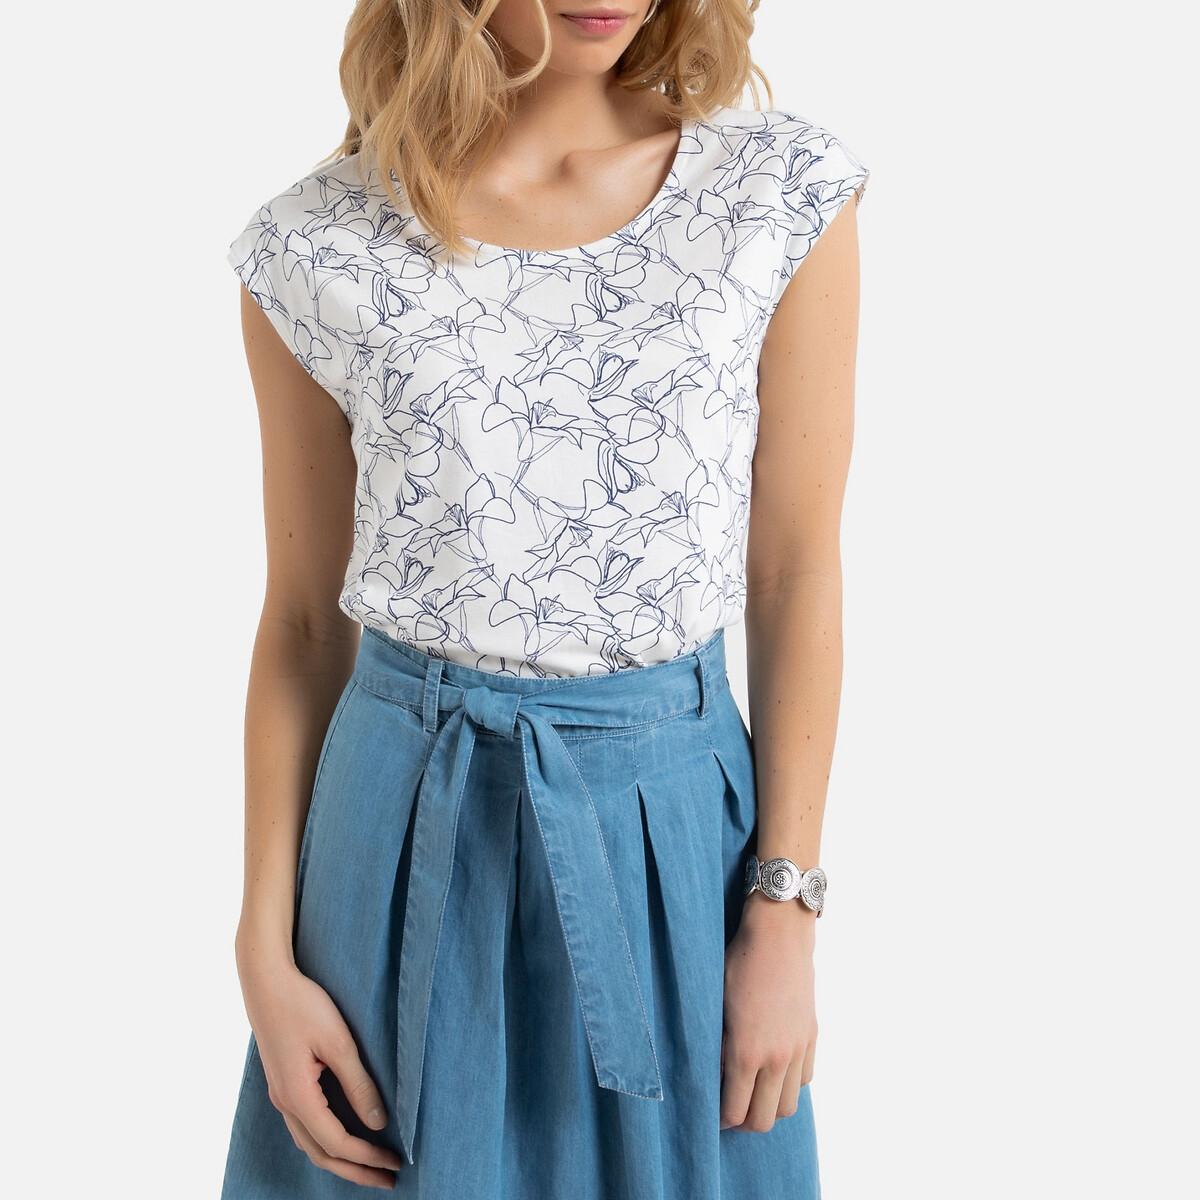 Blusa estampada com decote redondo largo, em puro algodão